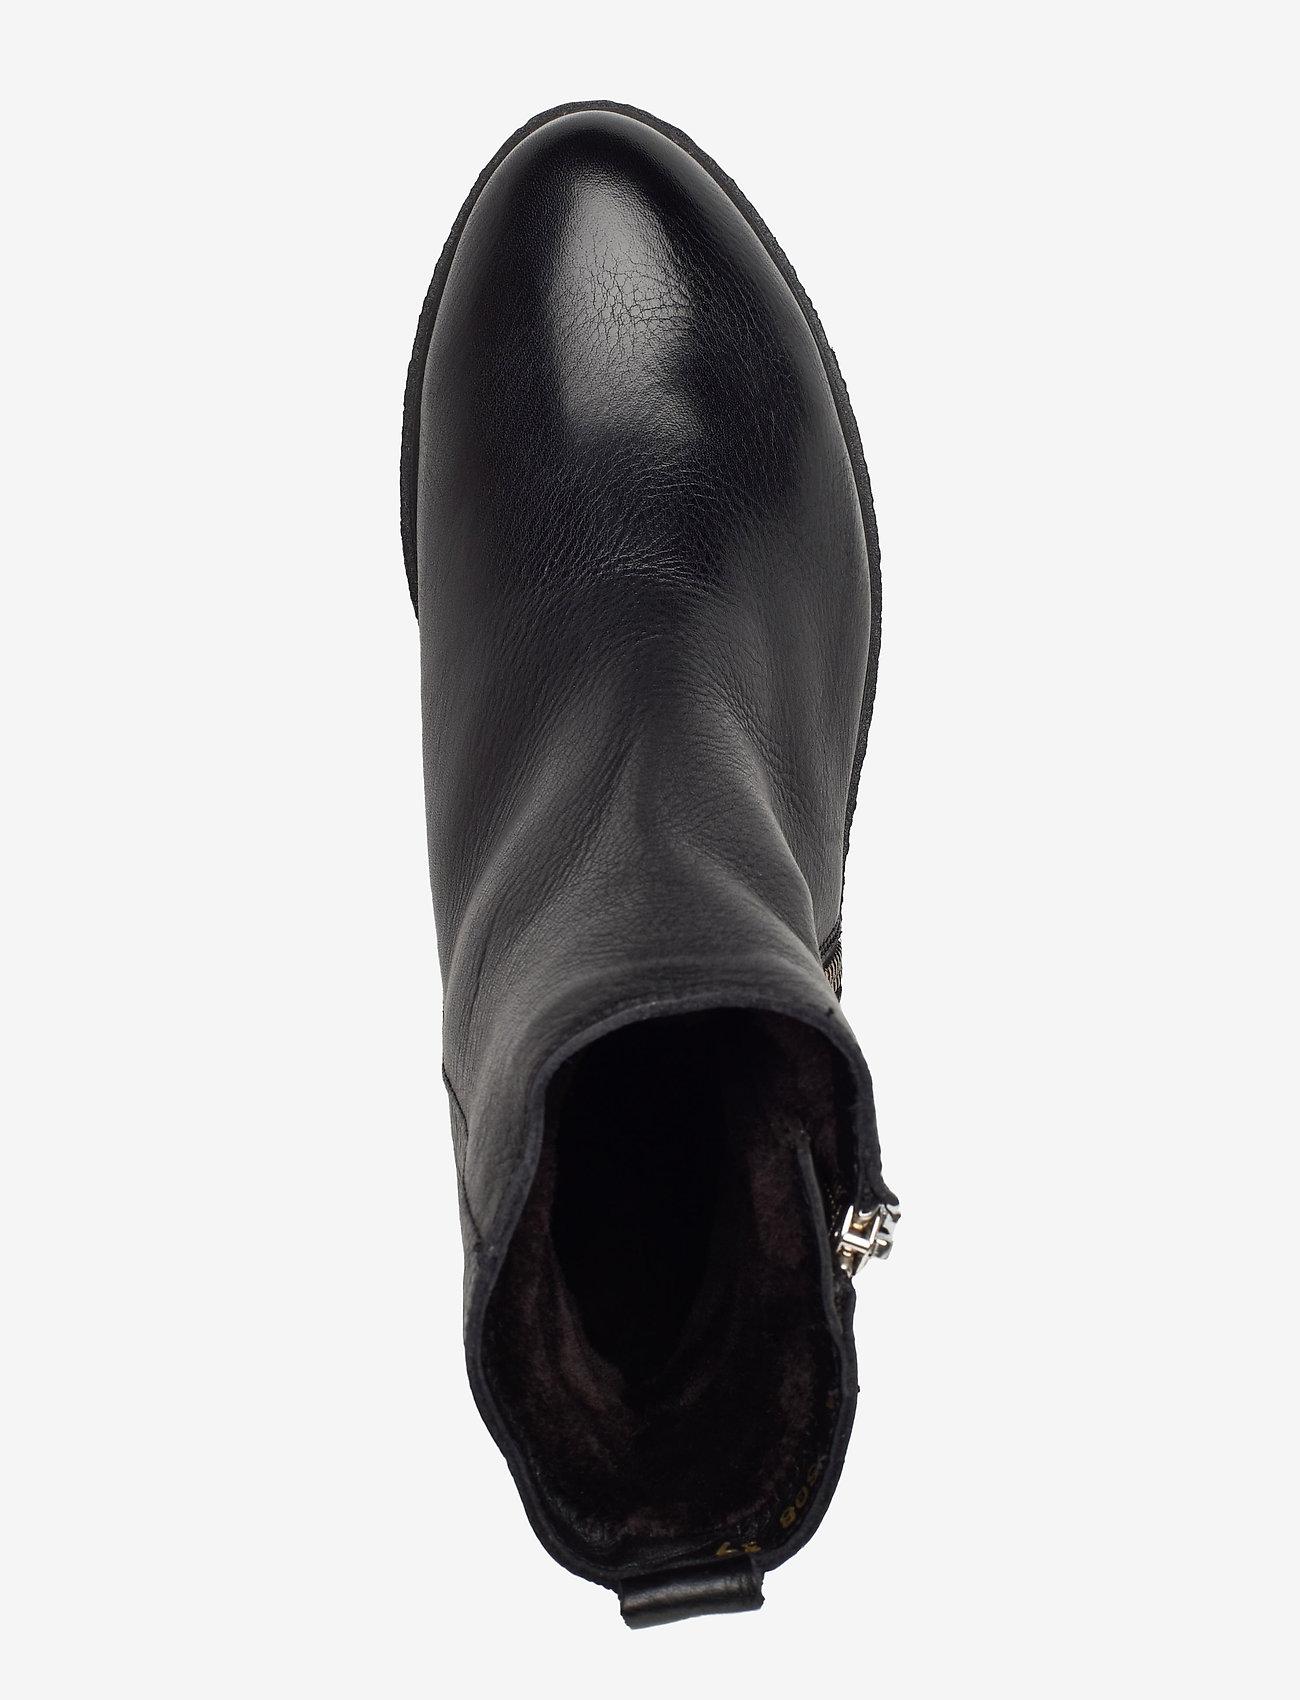 Warm Lamb Fur Lining A-9508-m (Black) (189 €) - Wonders 5eQ9Q